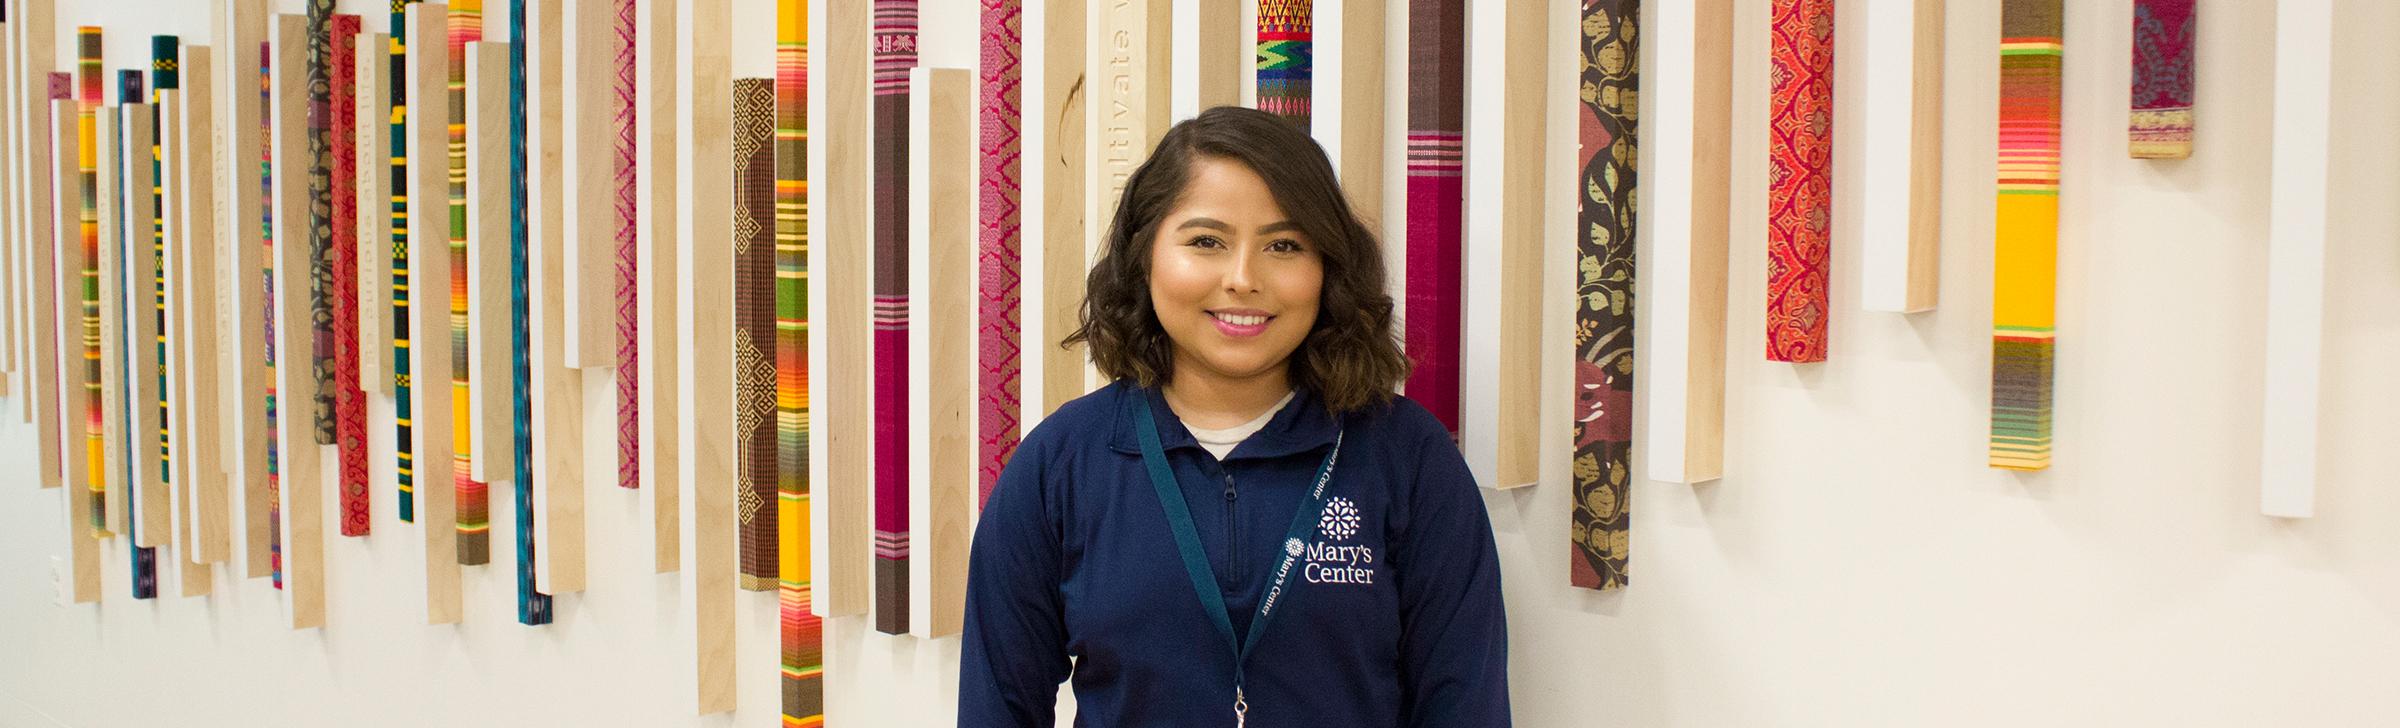 Image of Kathya Soto